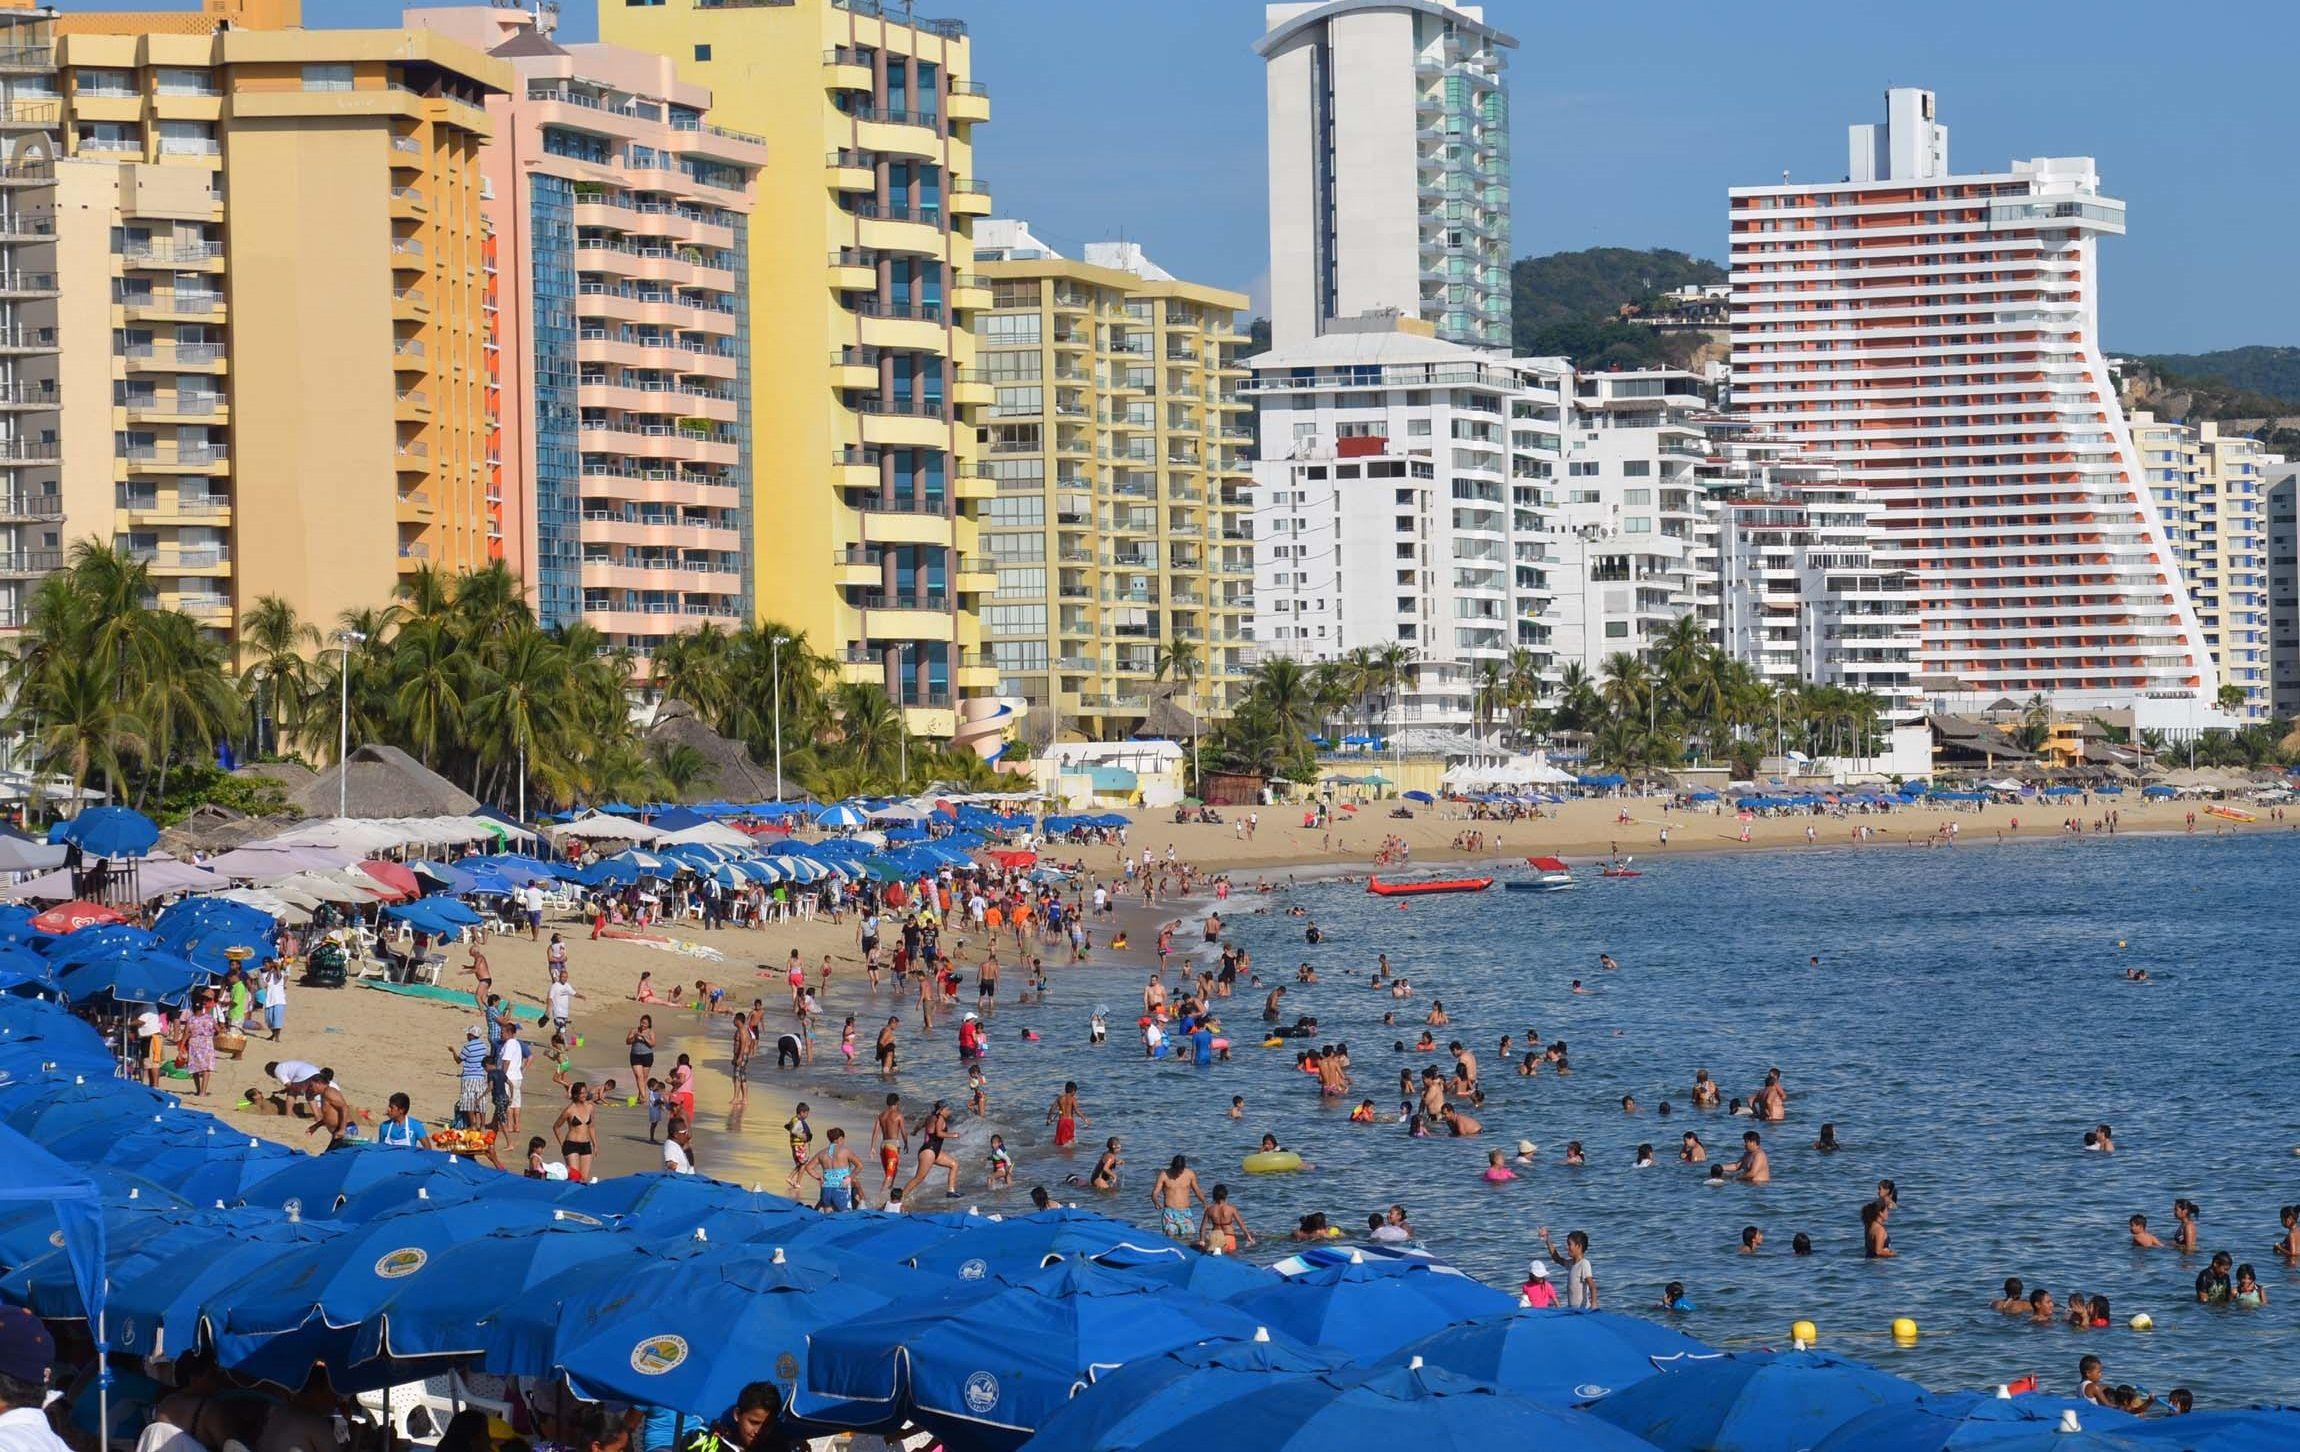 Acapulco fue declarada recientemente como la tercera ciudad más violenta del mundo.